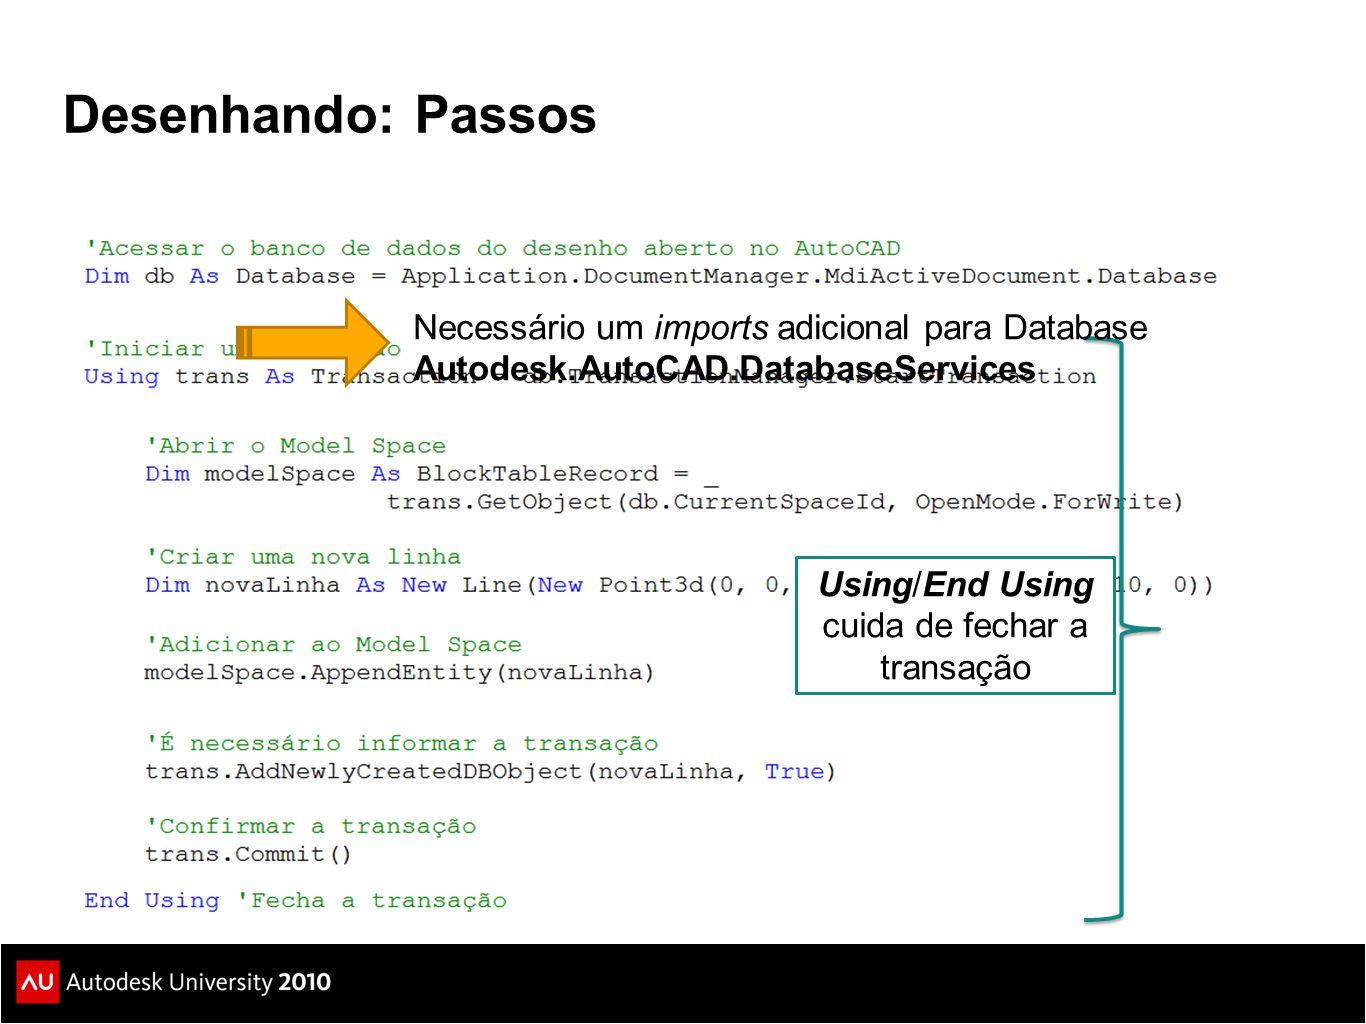 Desenhando: Passos Using/End Using cuida de fechar a transação Necessário um imports adicional para Database Autodesk.AutoCAD.DatabaseServices